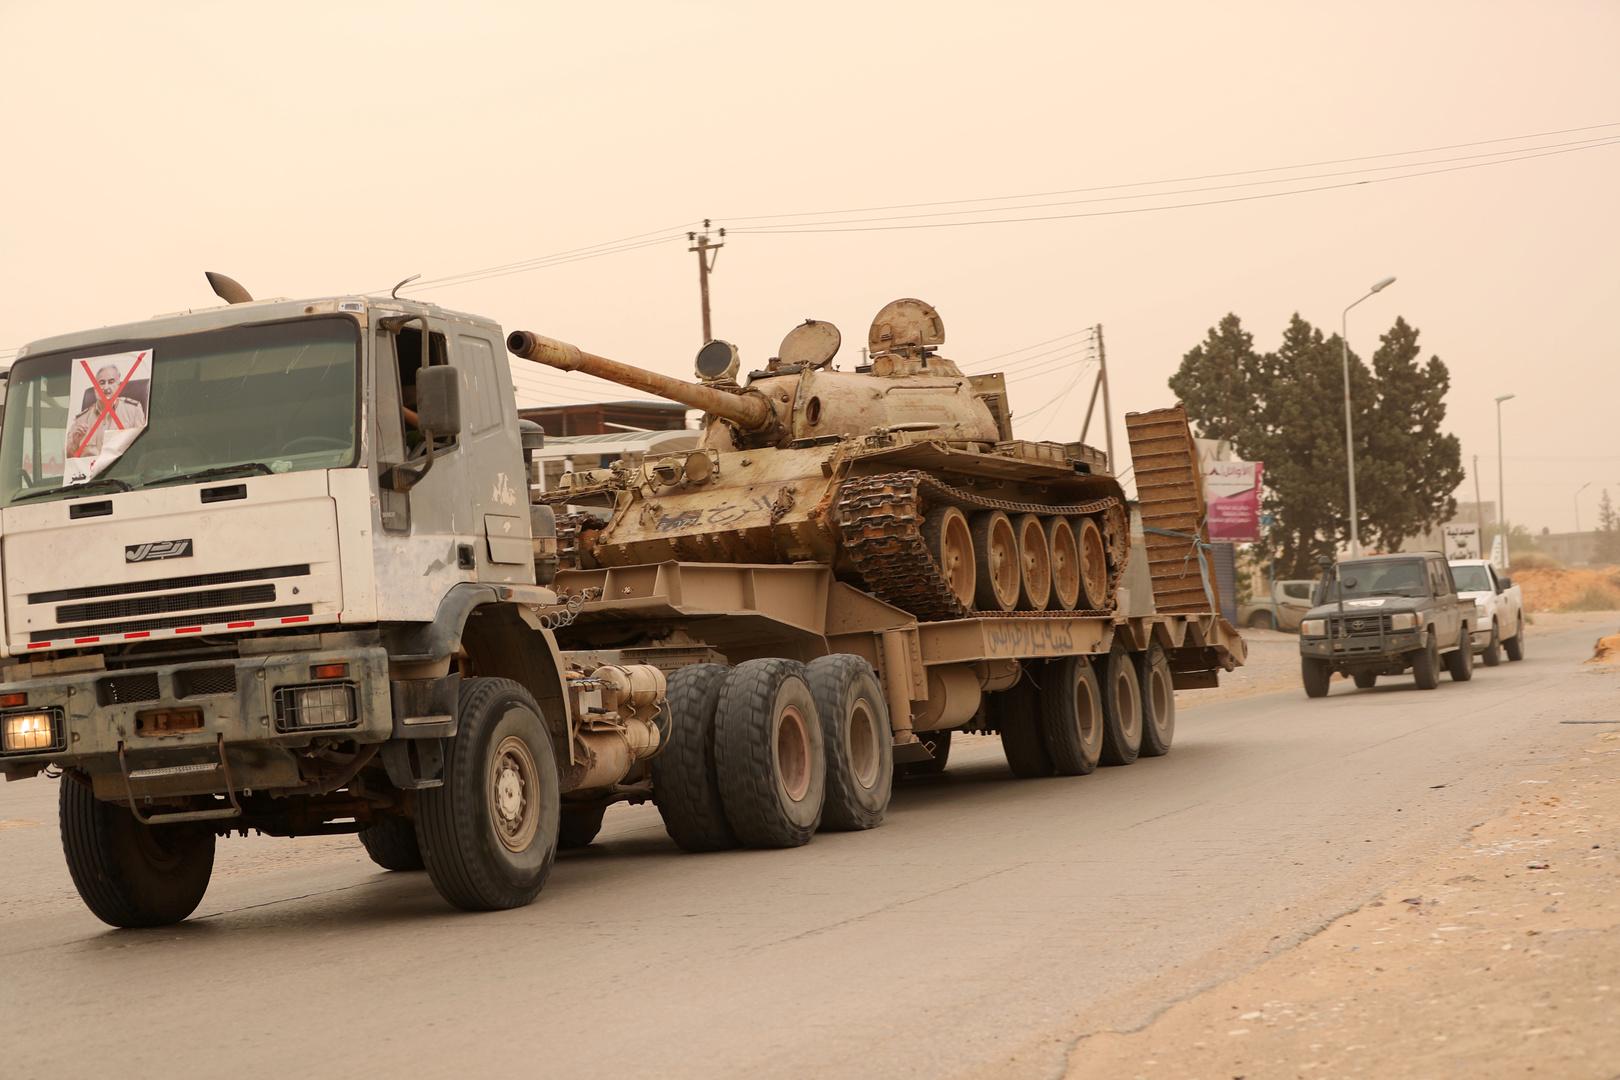 ليبيا.. قوات حكومة الوفاق تعلن السيطرة الكاملة على طرابلس الكبرى